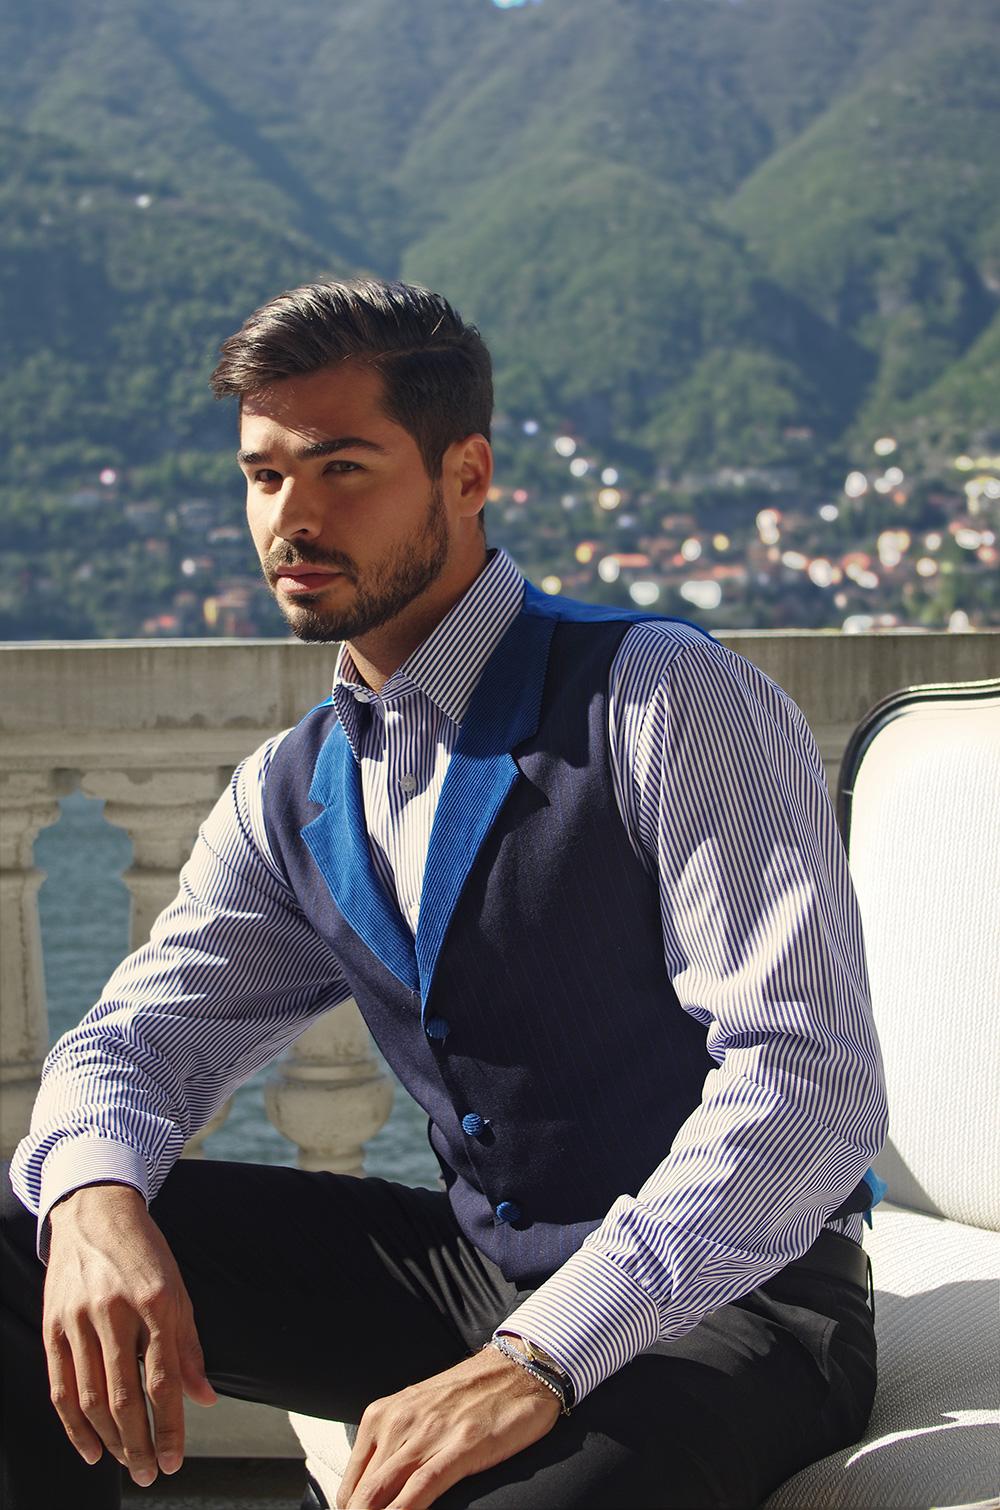 Dandylion Bespoke Tailoring